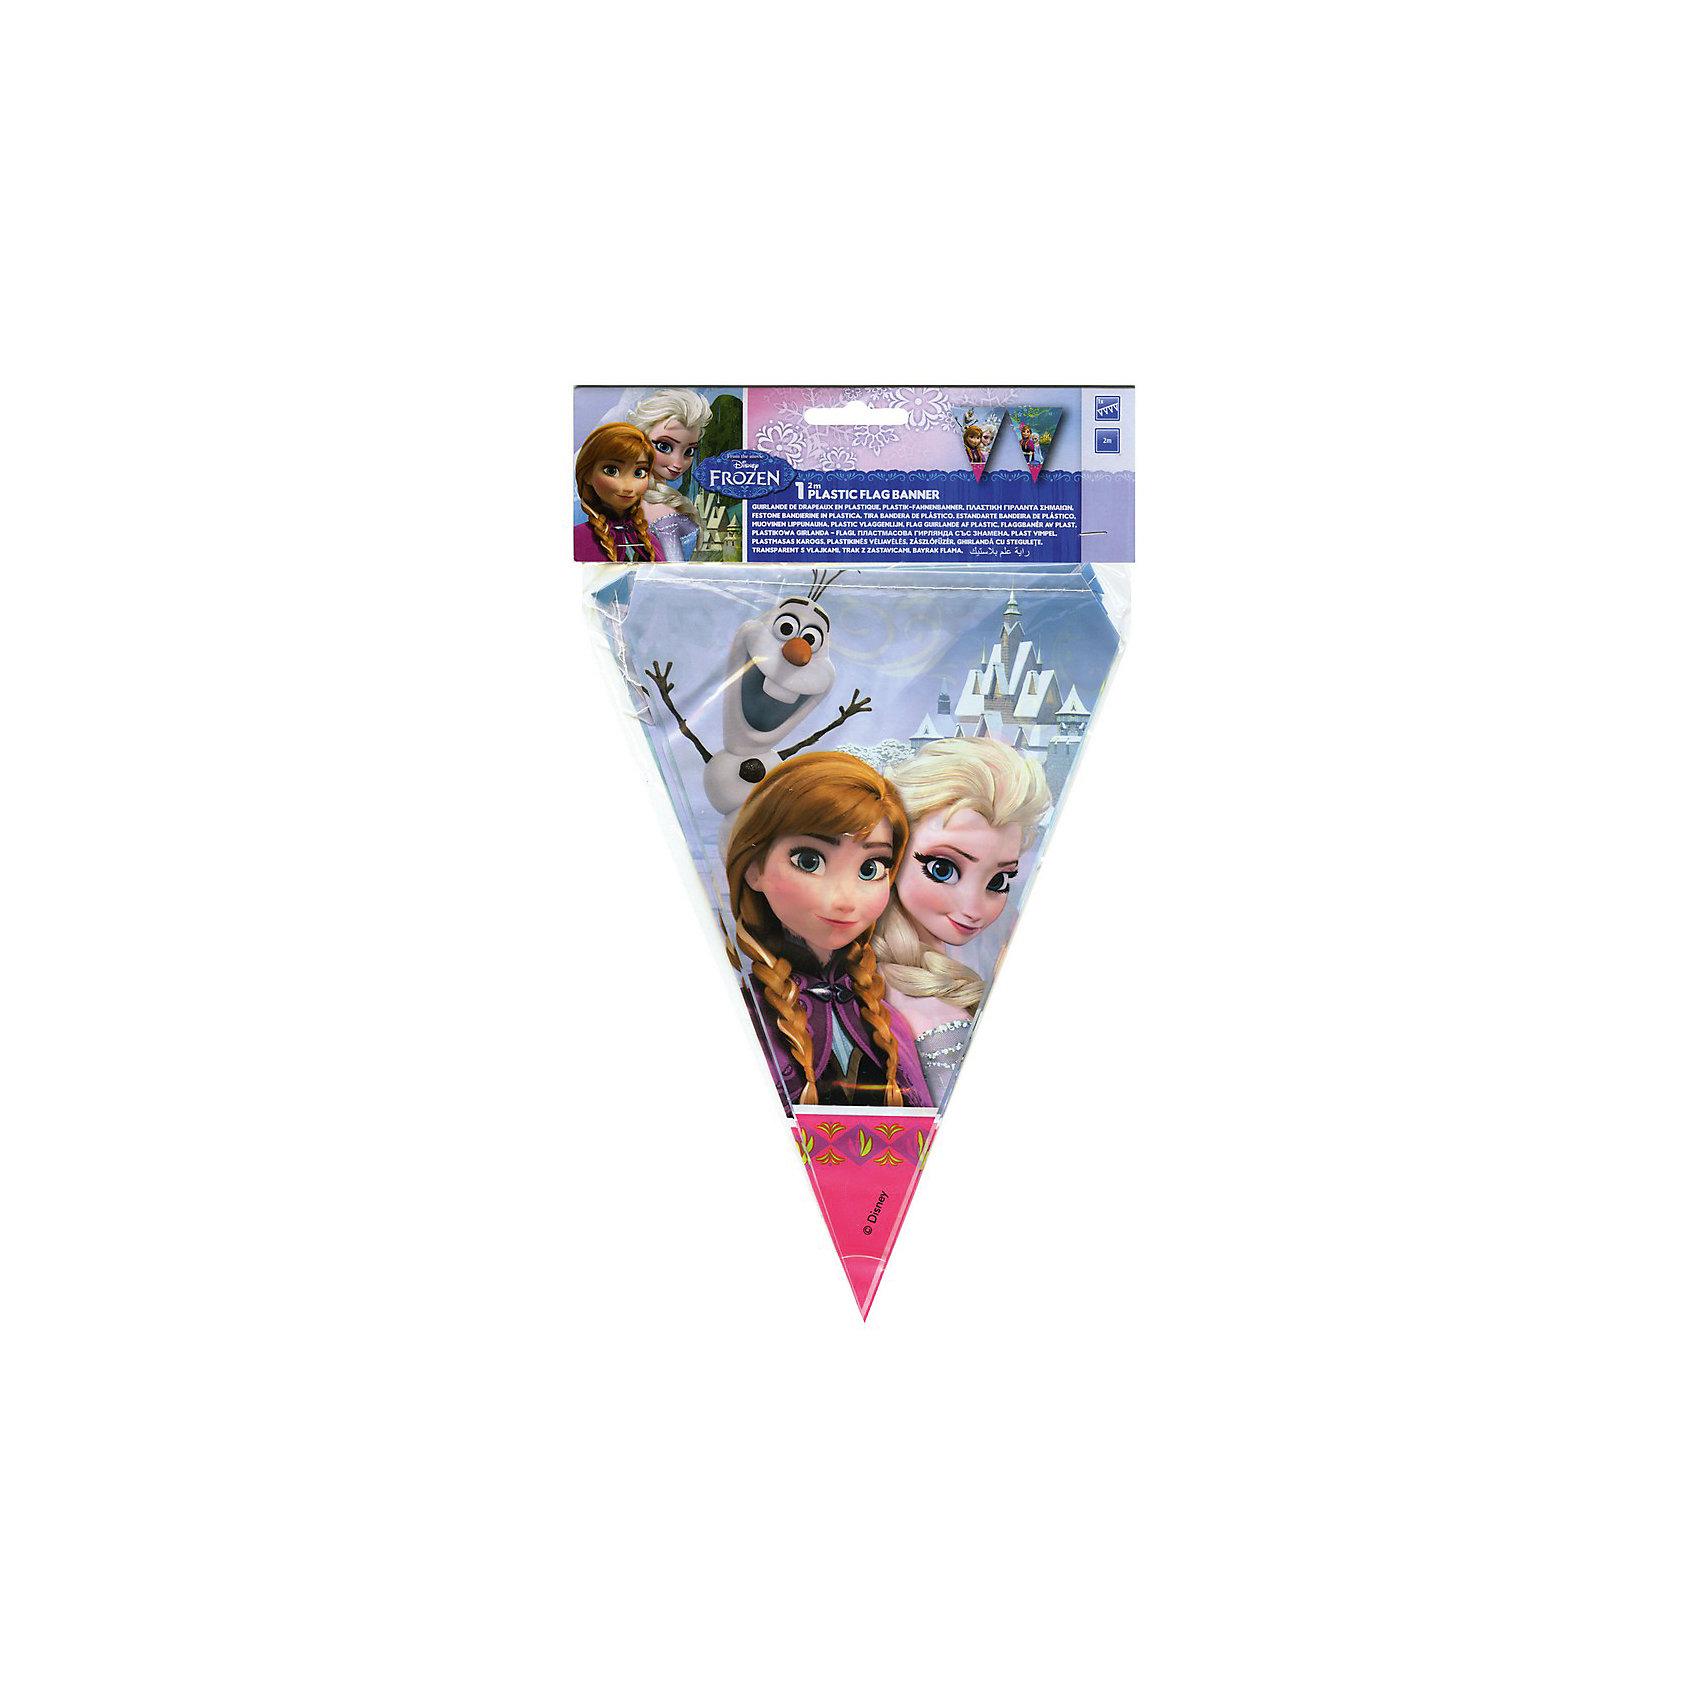 Гирлянда Холодное сердцеГирлянда Холодное сердце,  замечательно украсит комнату маленькой принцессы во время праздника или торжества и создаст настроение сказки и волшебства. Красочная гирлянда украшена изображениями сестер Анны и Эльзы из популярного диснеевского мультфильма Холодное сердце.<br><br>Дополнительная информация:<br><br>- Материал: ПВХ.<br>- Размер упаковки: 26 х 19 х 2 см. <br>- Вес: 90 гр.<br><br>Гирлянду Холодное сердце,  можно купить в нашем интернет-магазине.<br><br>Ширина мм: 2<br>Глубина мм: 32<br>Высота мм: 225<br>Вес г: 39<br>Возраст от месяцев: -2147483648<br>Возраст до месяцев: 2147483647<br>Пол: Женский<br>Возраст: Детский<br>SKU: 3823867